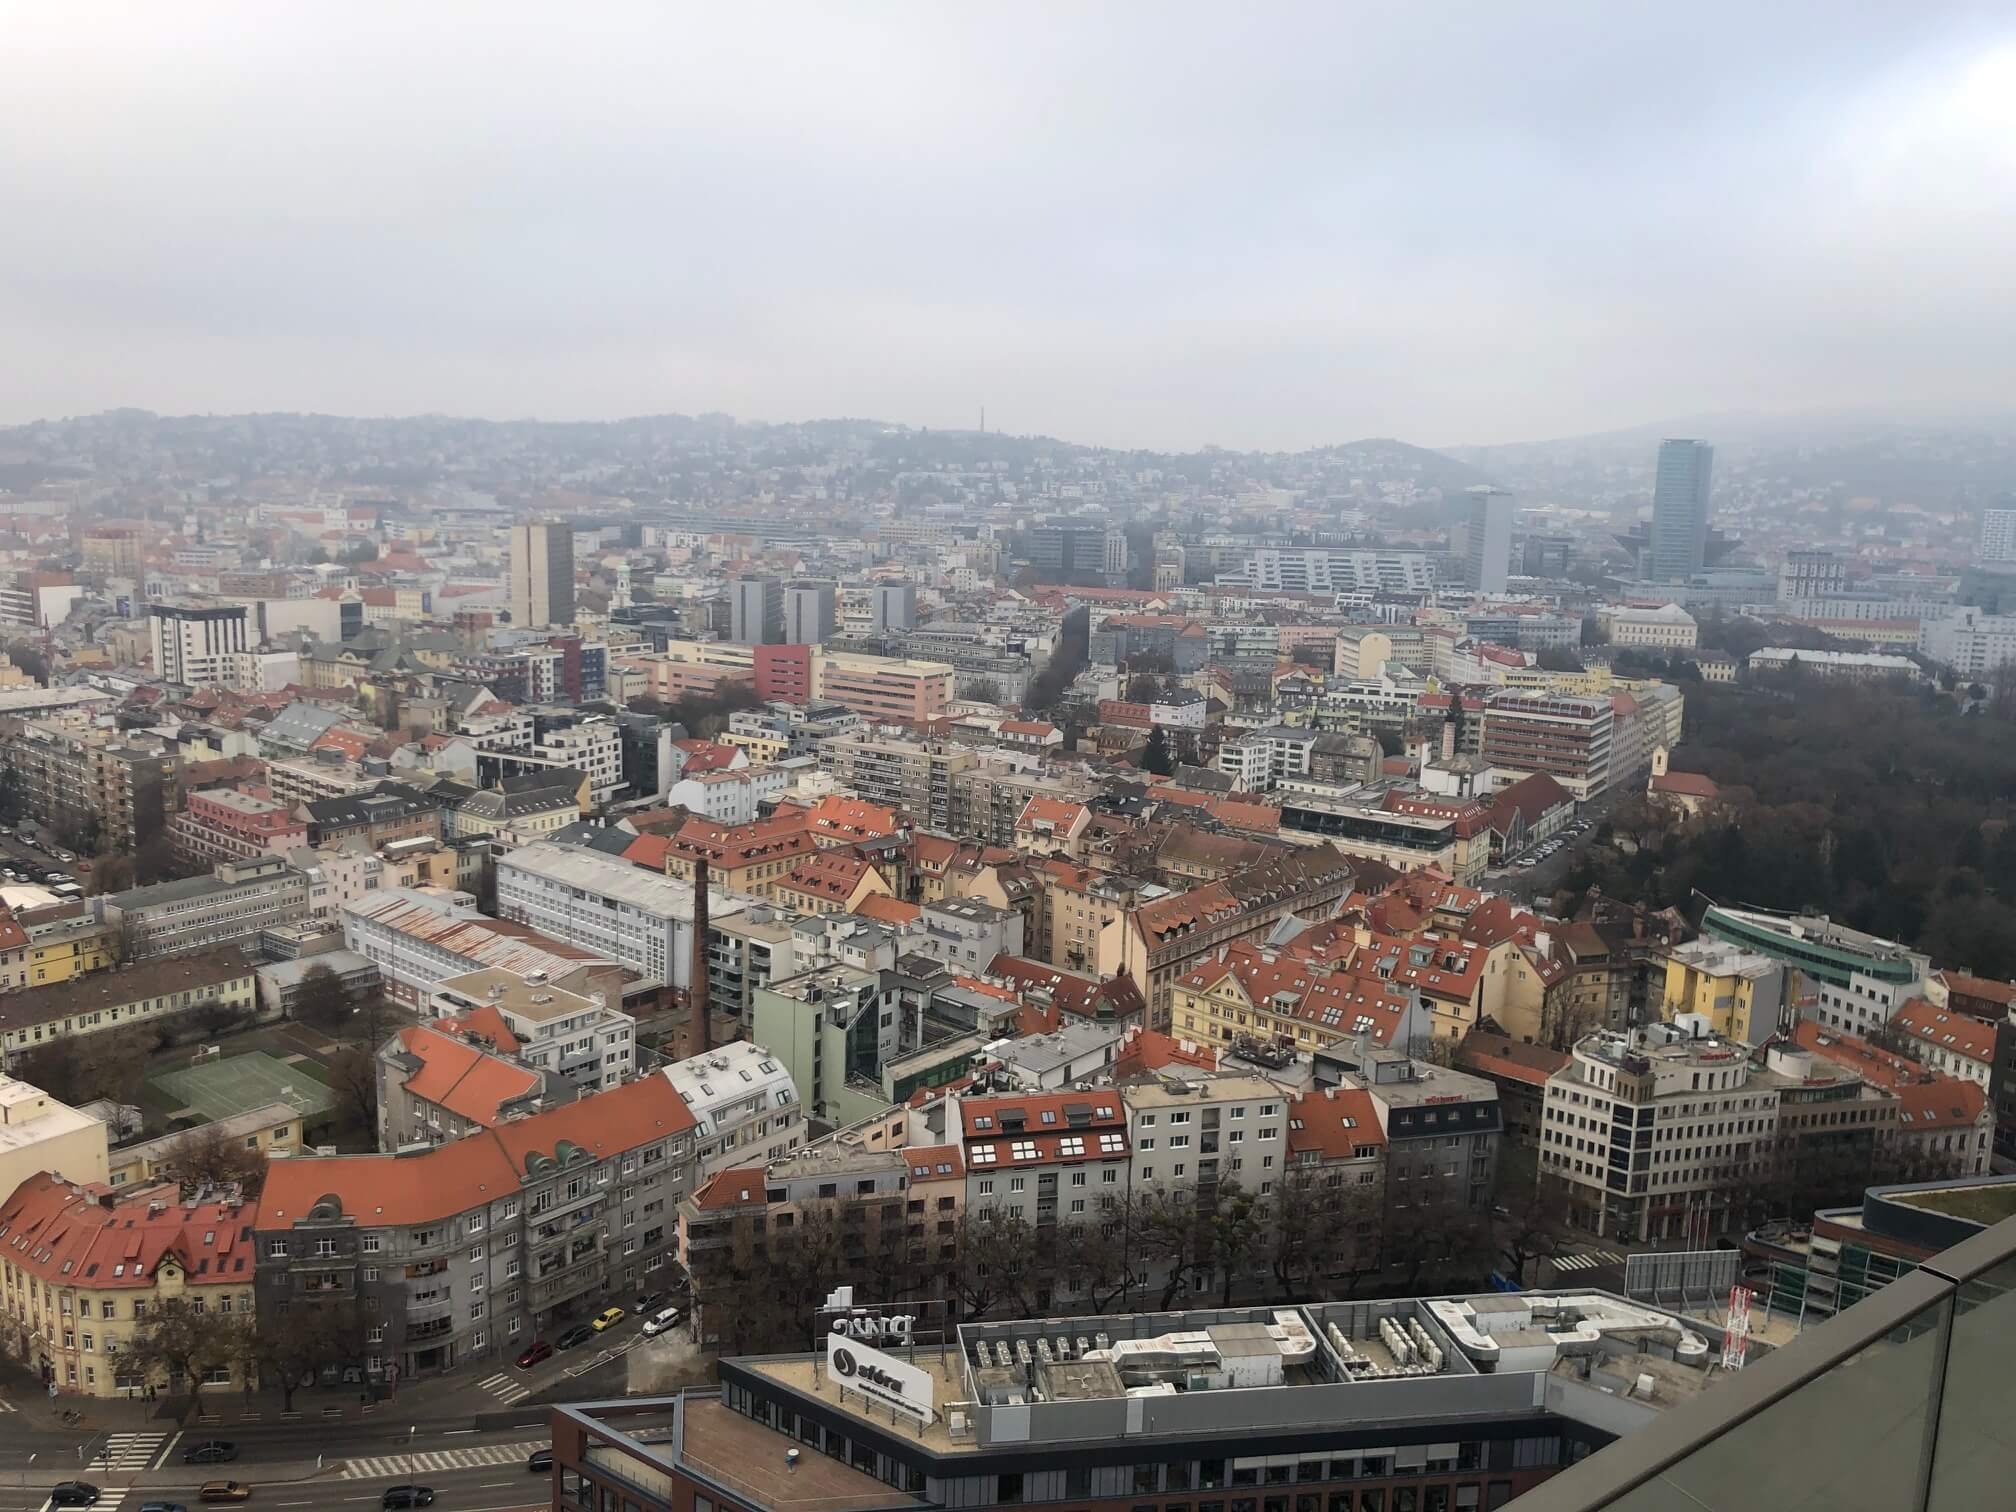 2 izbový byt v Sky parku, I Veža, 6 nadzemné podlažie, úžitková 46,28 m2 ,Loggia 4,75m2, parkovanie-2